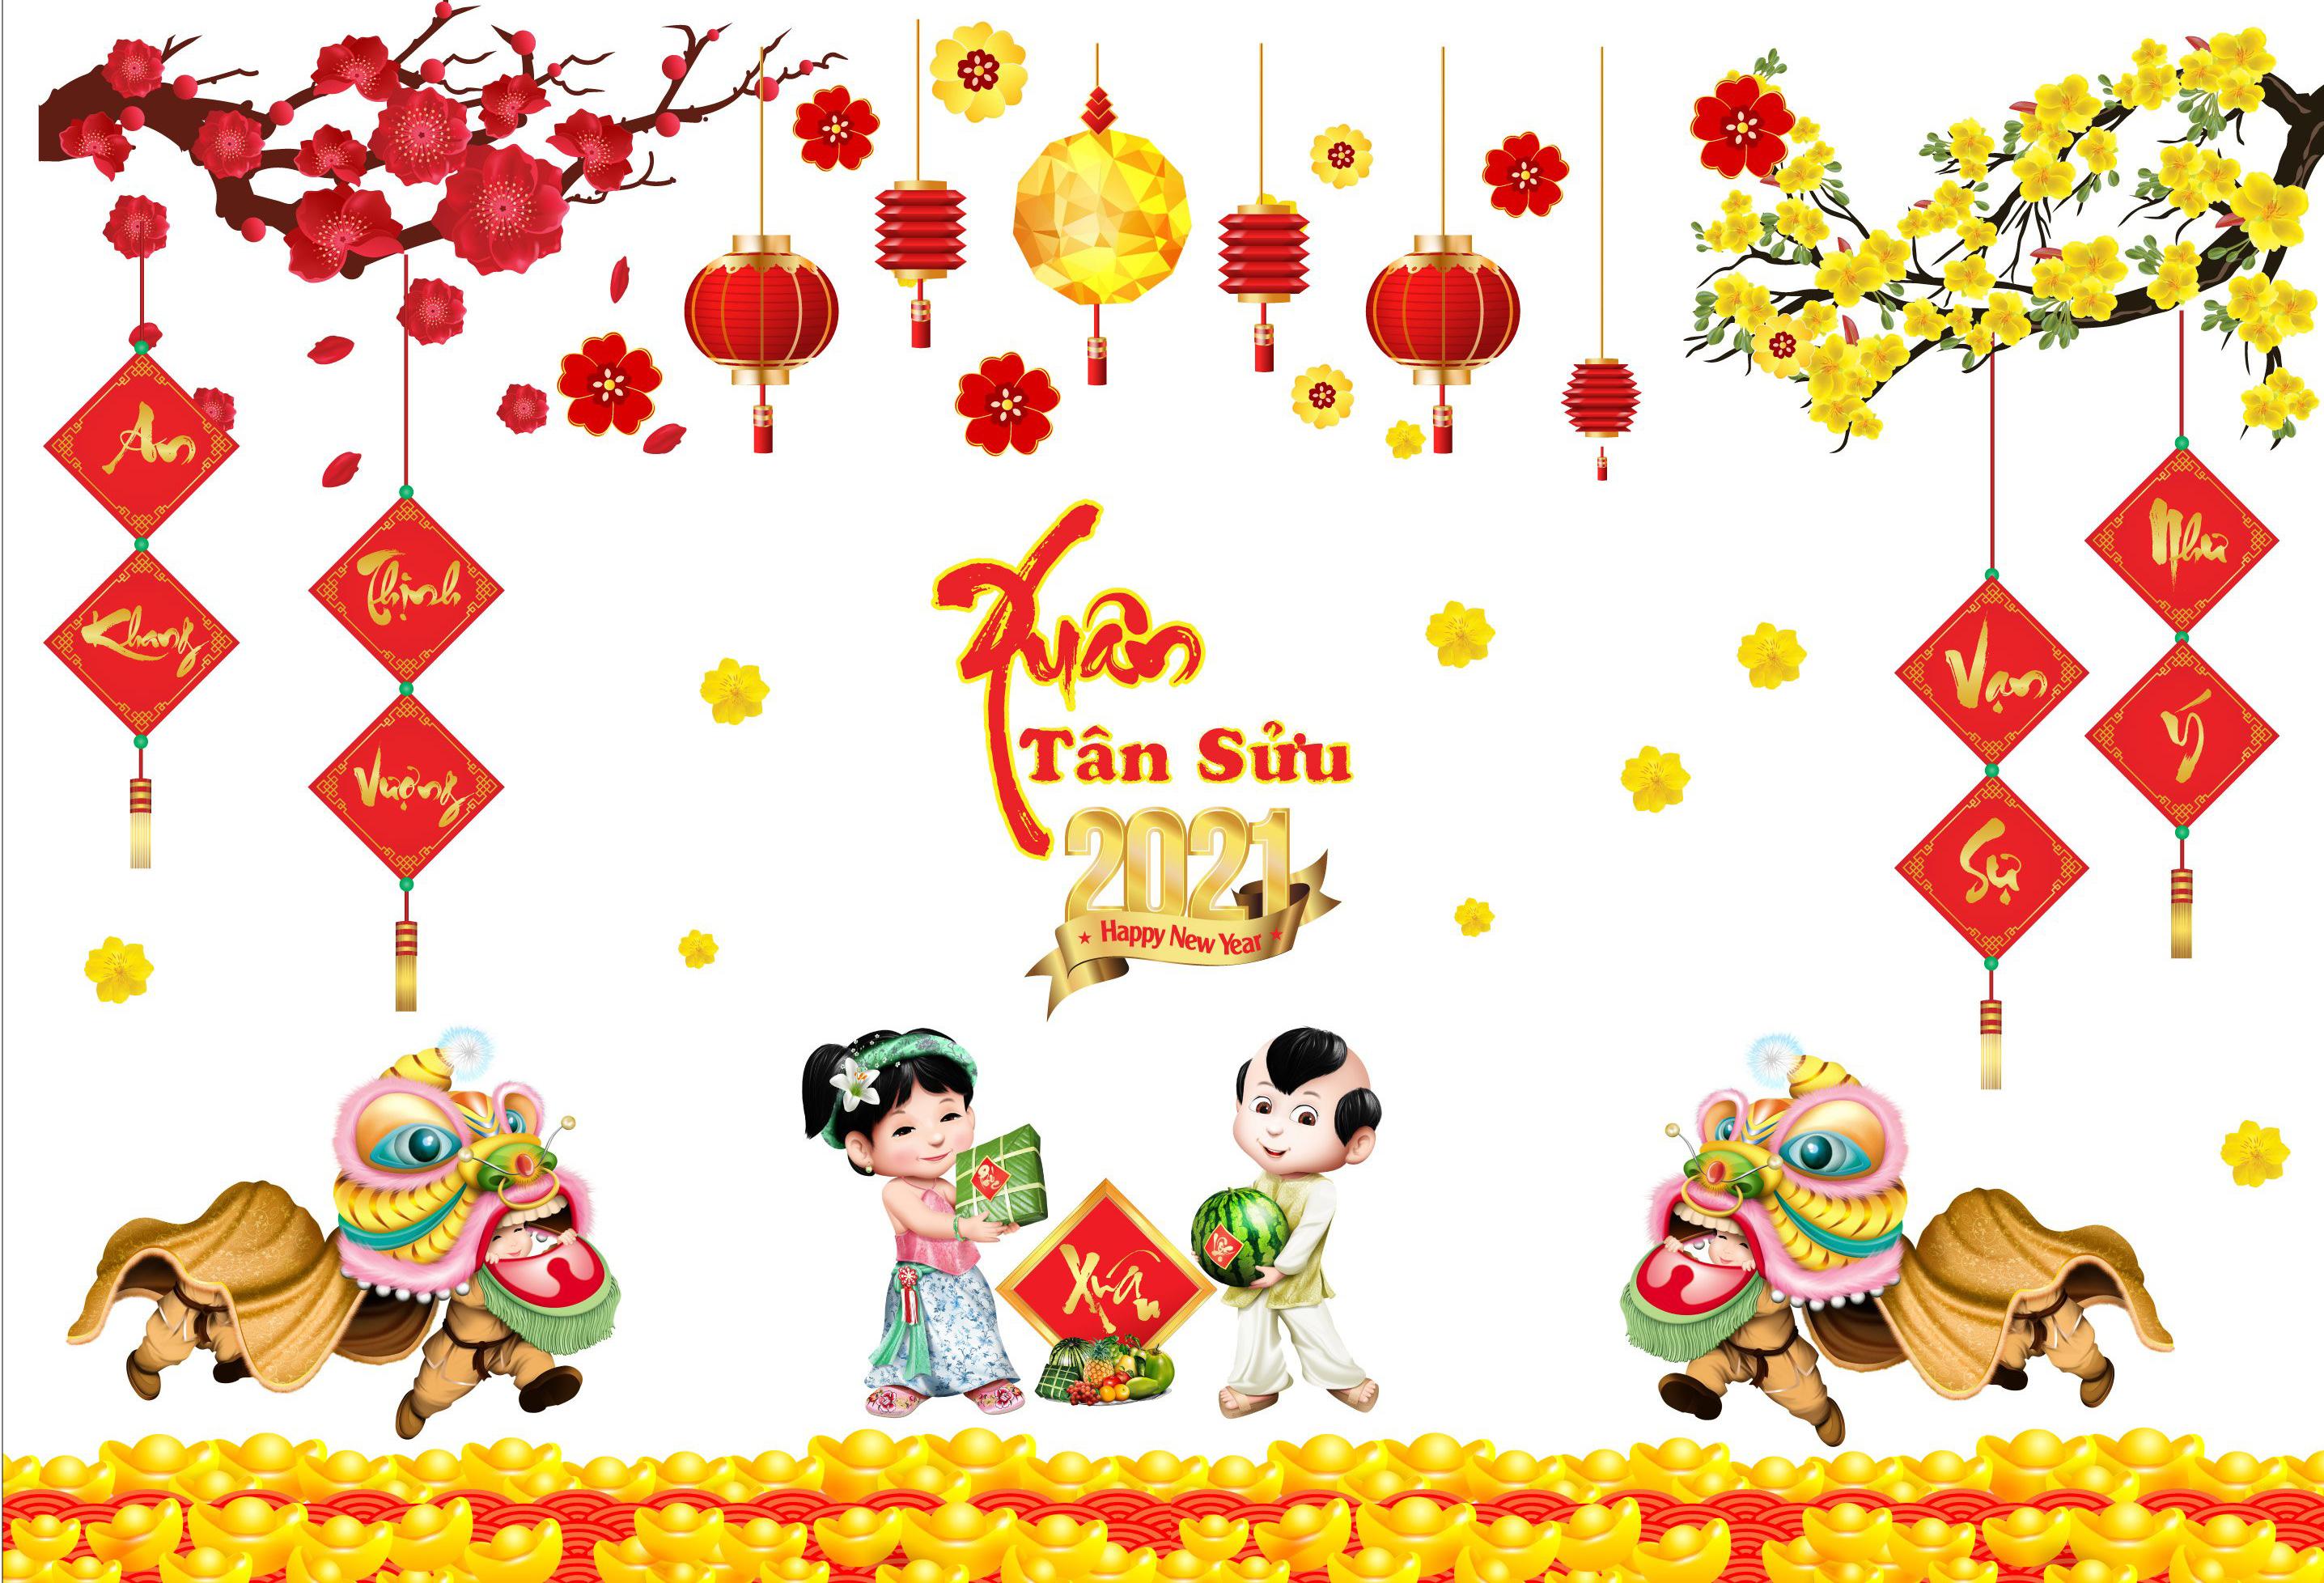 chuc_xuan_tan_suu.jpg